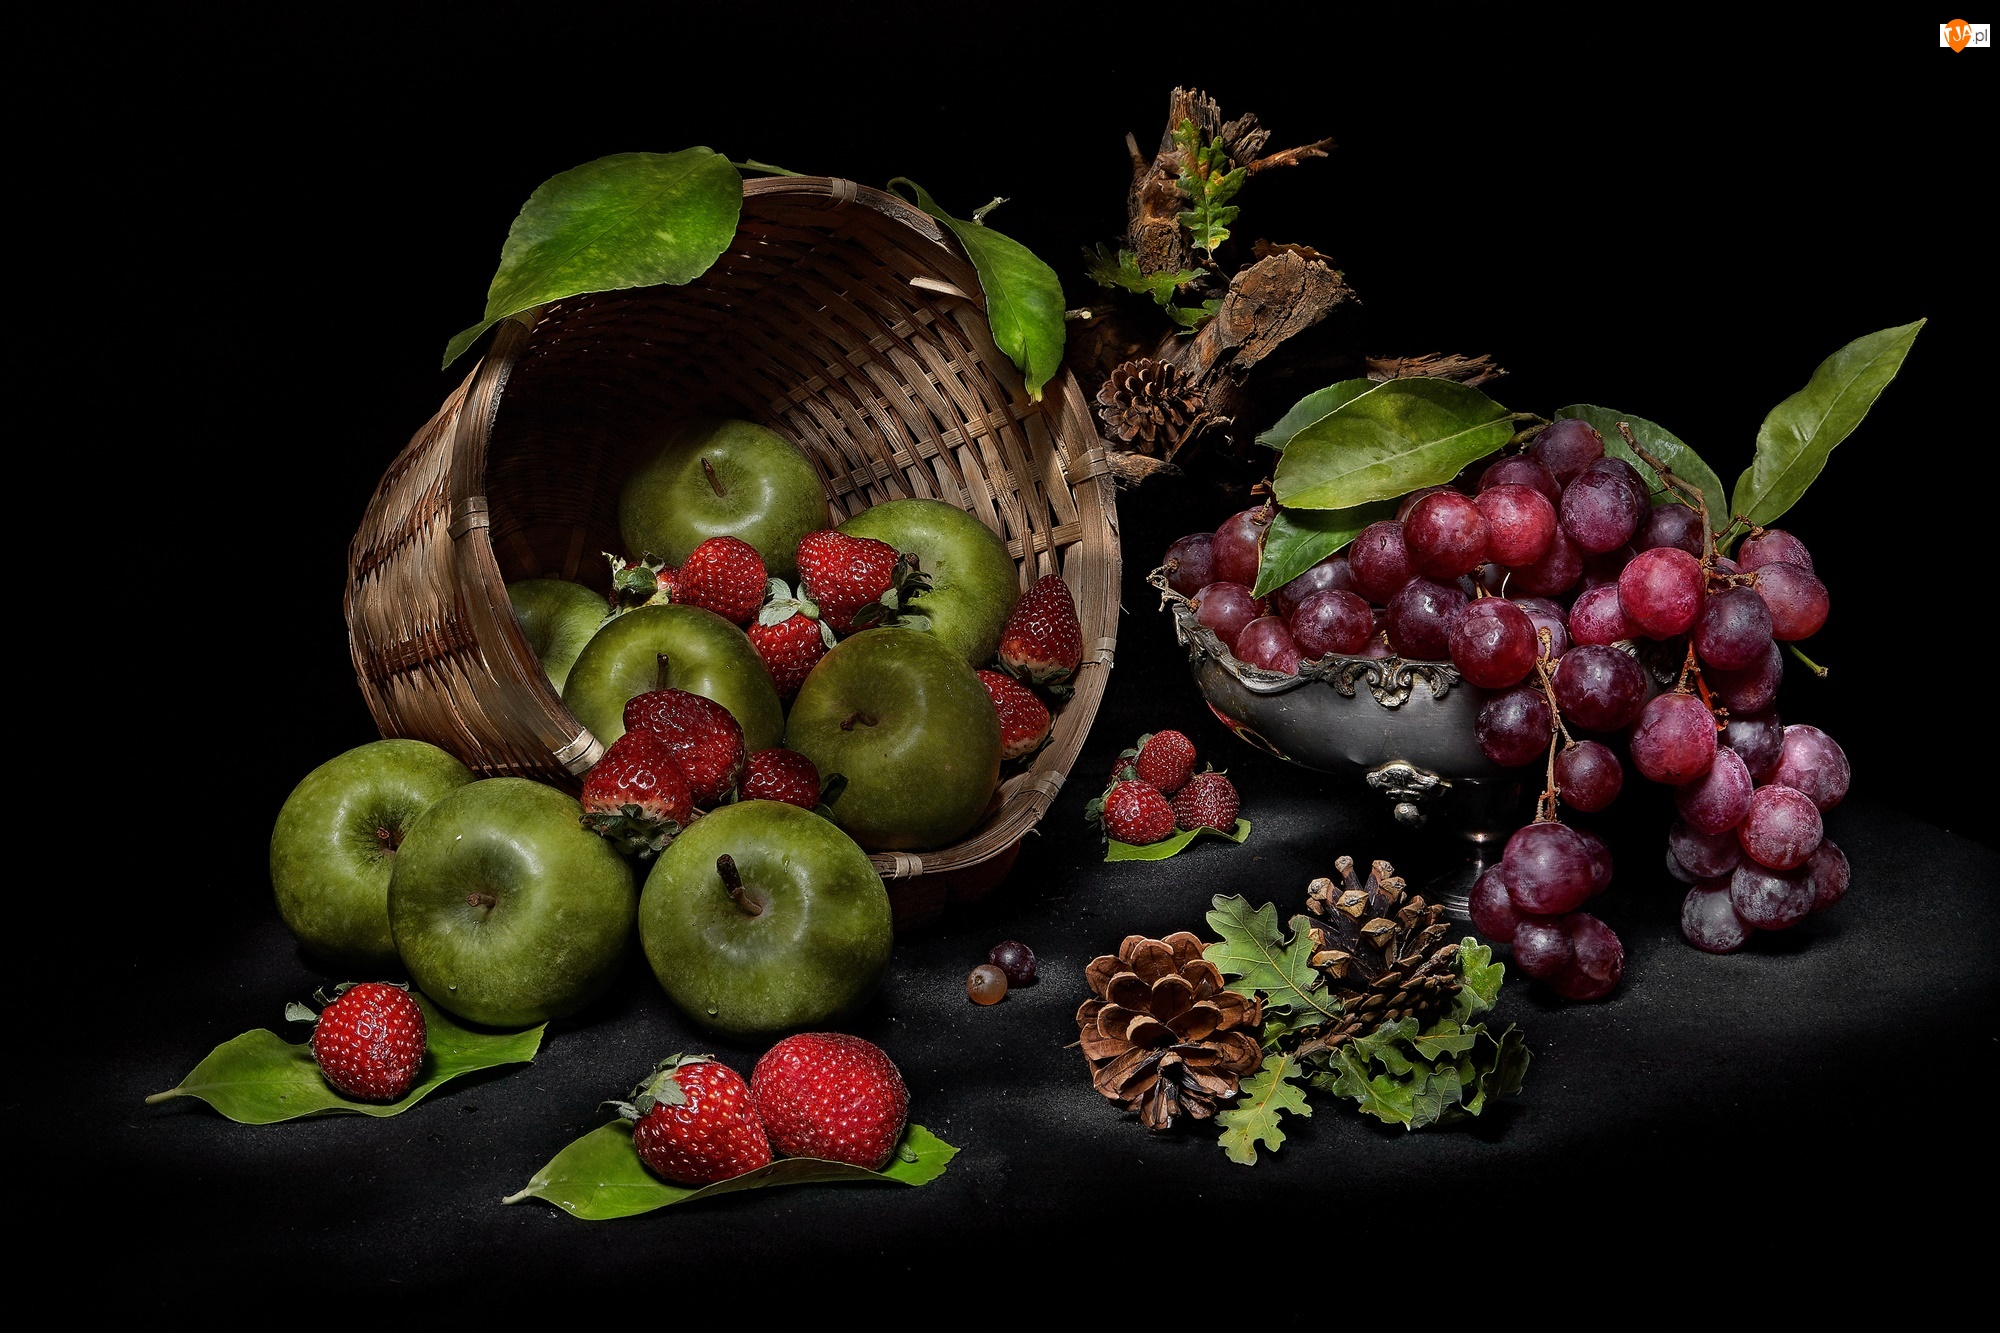 Tło, Winogrona, Szyszki, Miseczka, Owoce, Koszyk, Jabłka, Zielone, Truskawki, Czarne